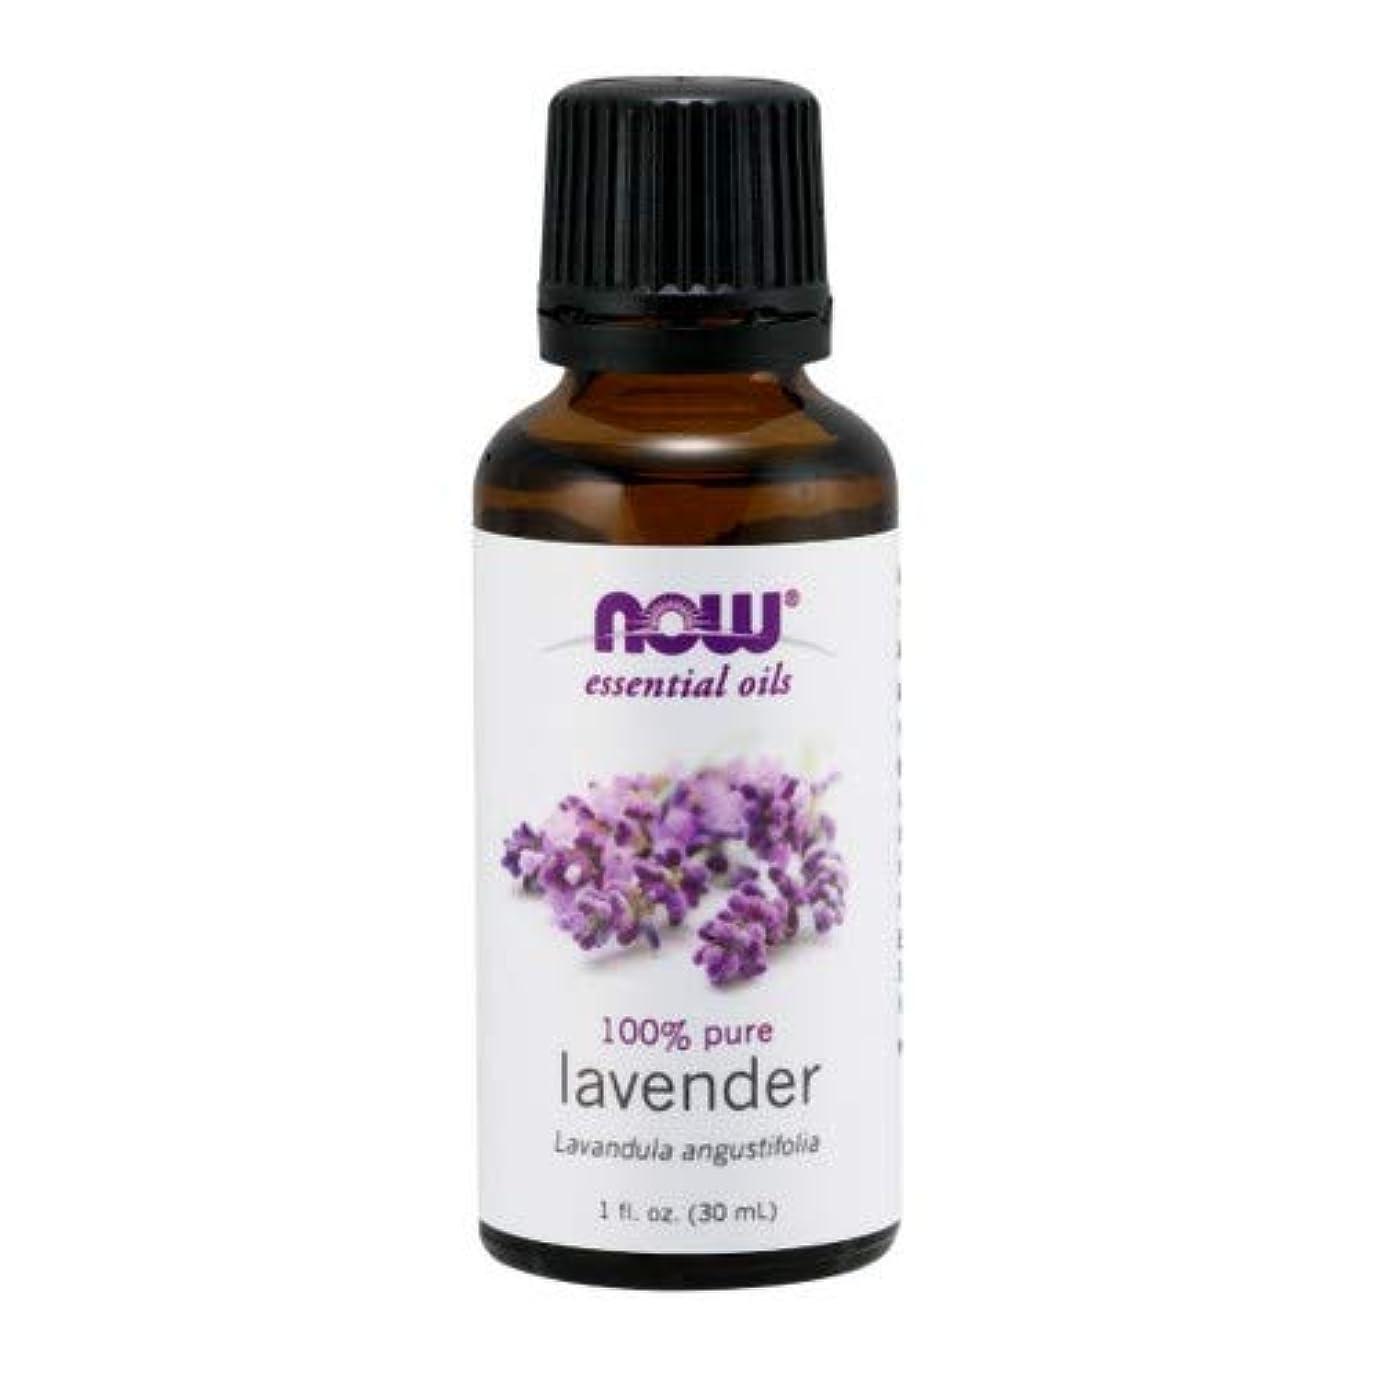 ネクタイネクタイ花火エッセンシャルオイル ラベンダーオイル 30ml 2個セット ナウフーズ 並行輸入品 NOW Foods Essential Oils Lavender 1 oz Pack of 2